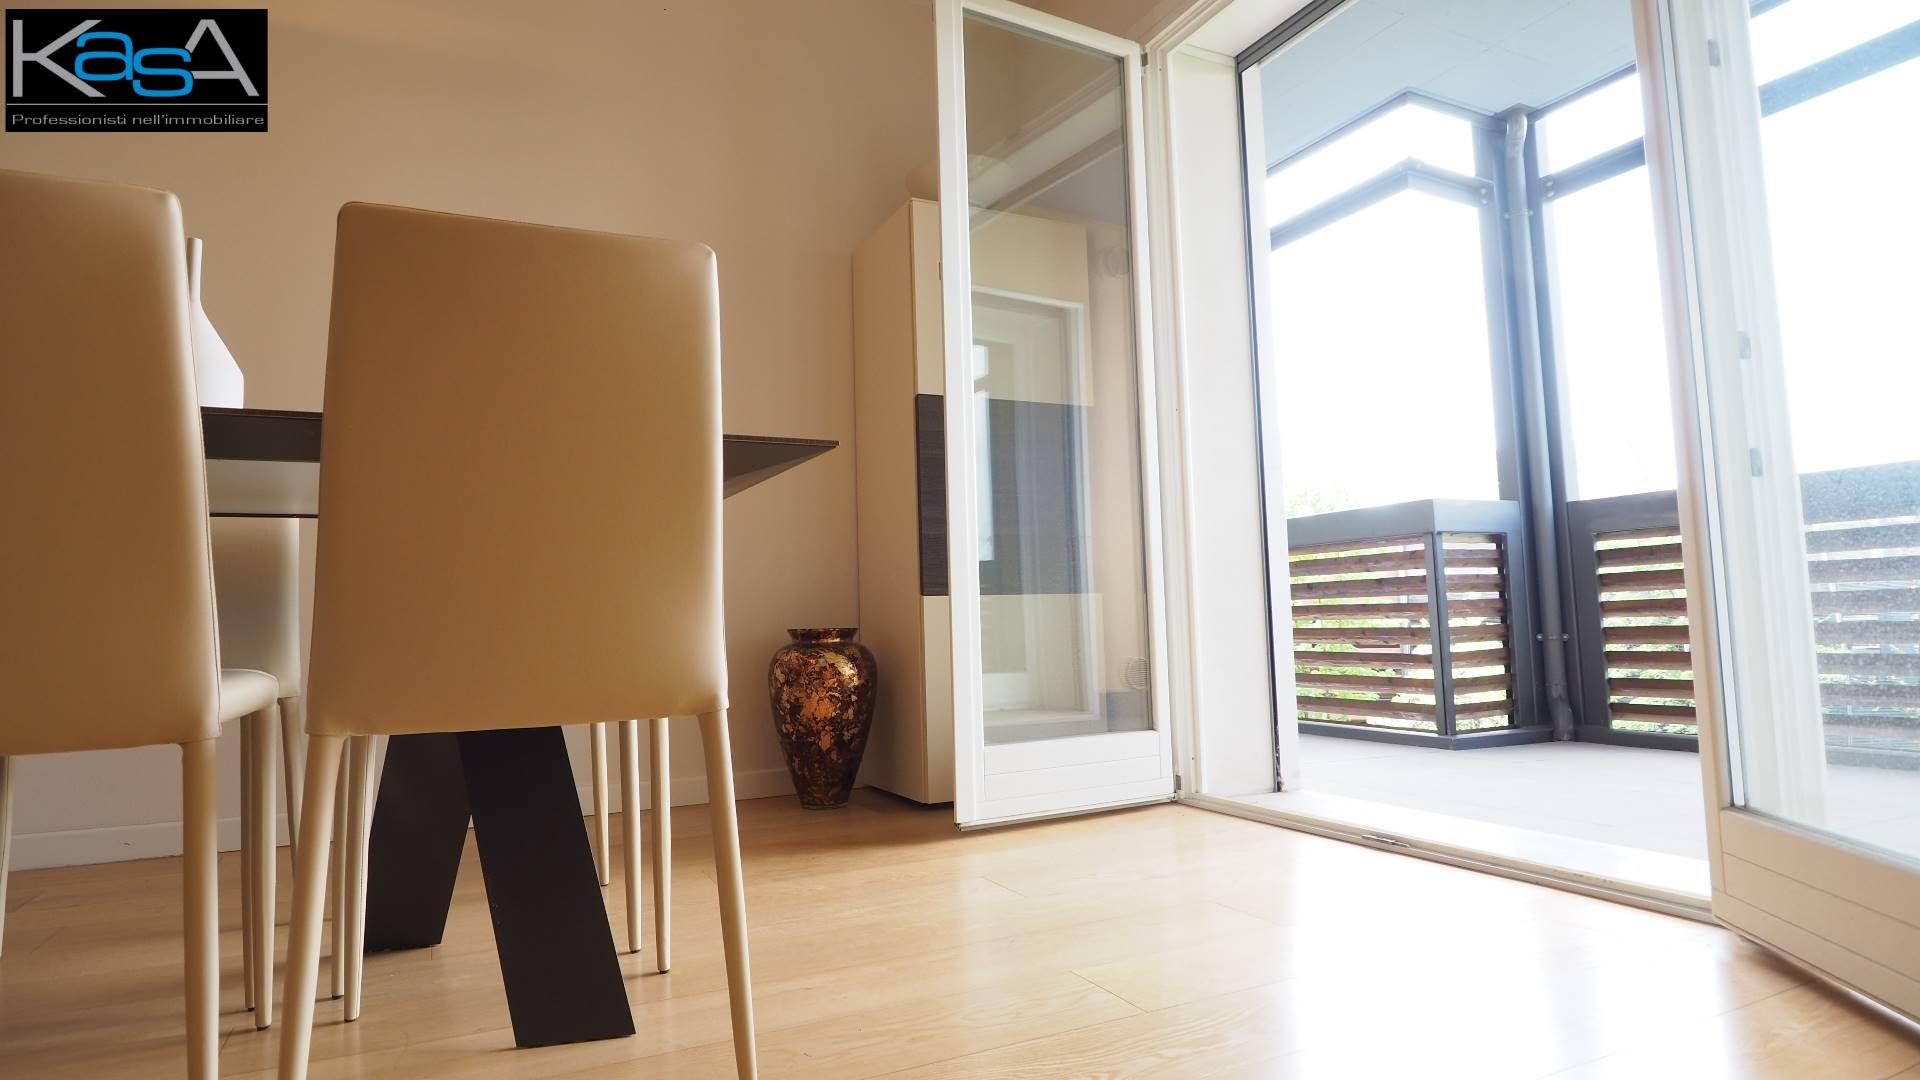 Immobiliare kasa immobiliare a treviso veneto agenzia di compravendita immobiliare - Vendita piastrelle treviso ...